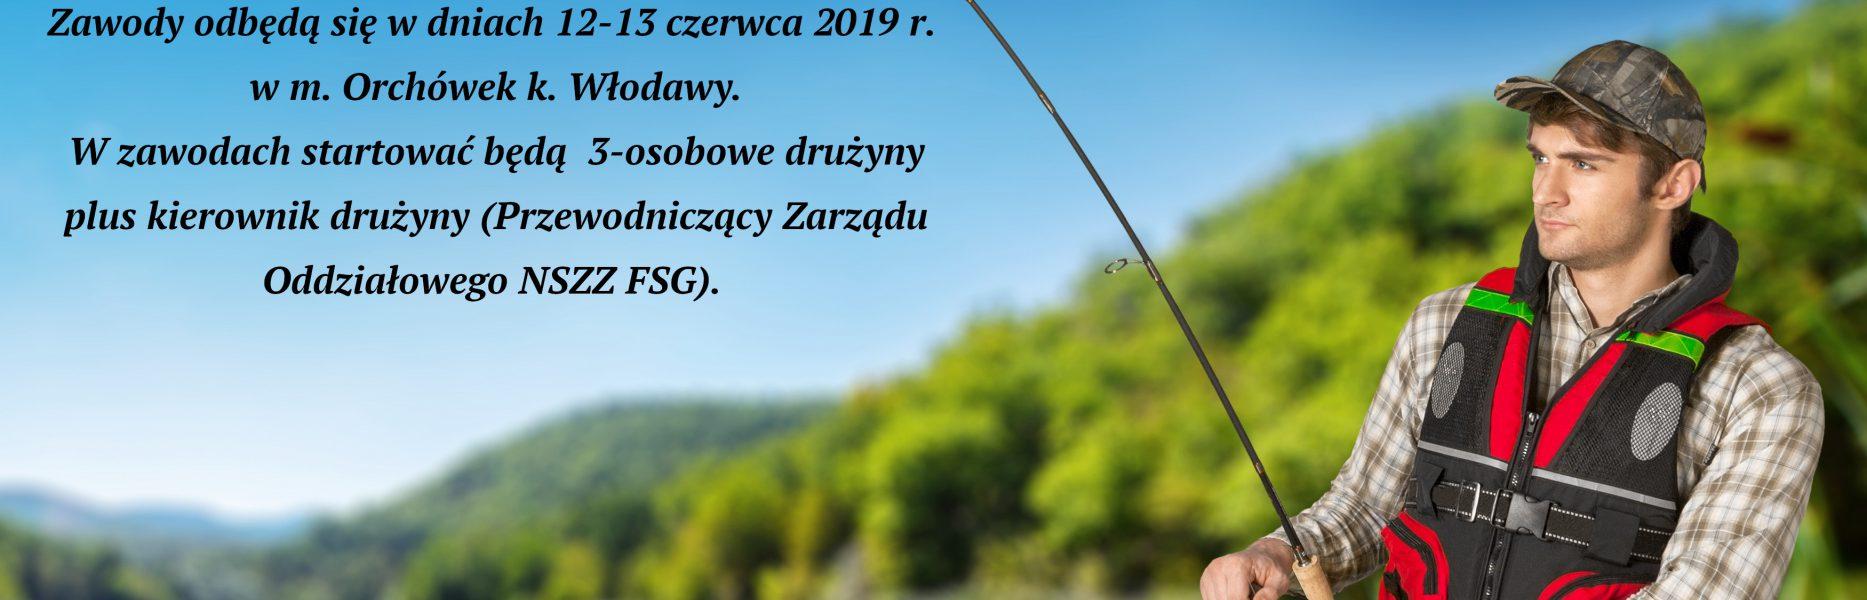 IV Ogólnopolskie Mistrzostwa Straży Granicznej w wędkarstwie spławikowo-gruntowym im. ppłk SG Andrzeja Stańca